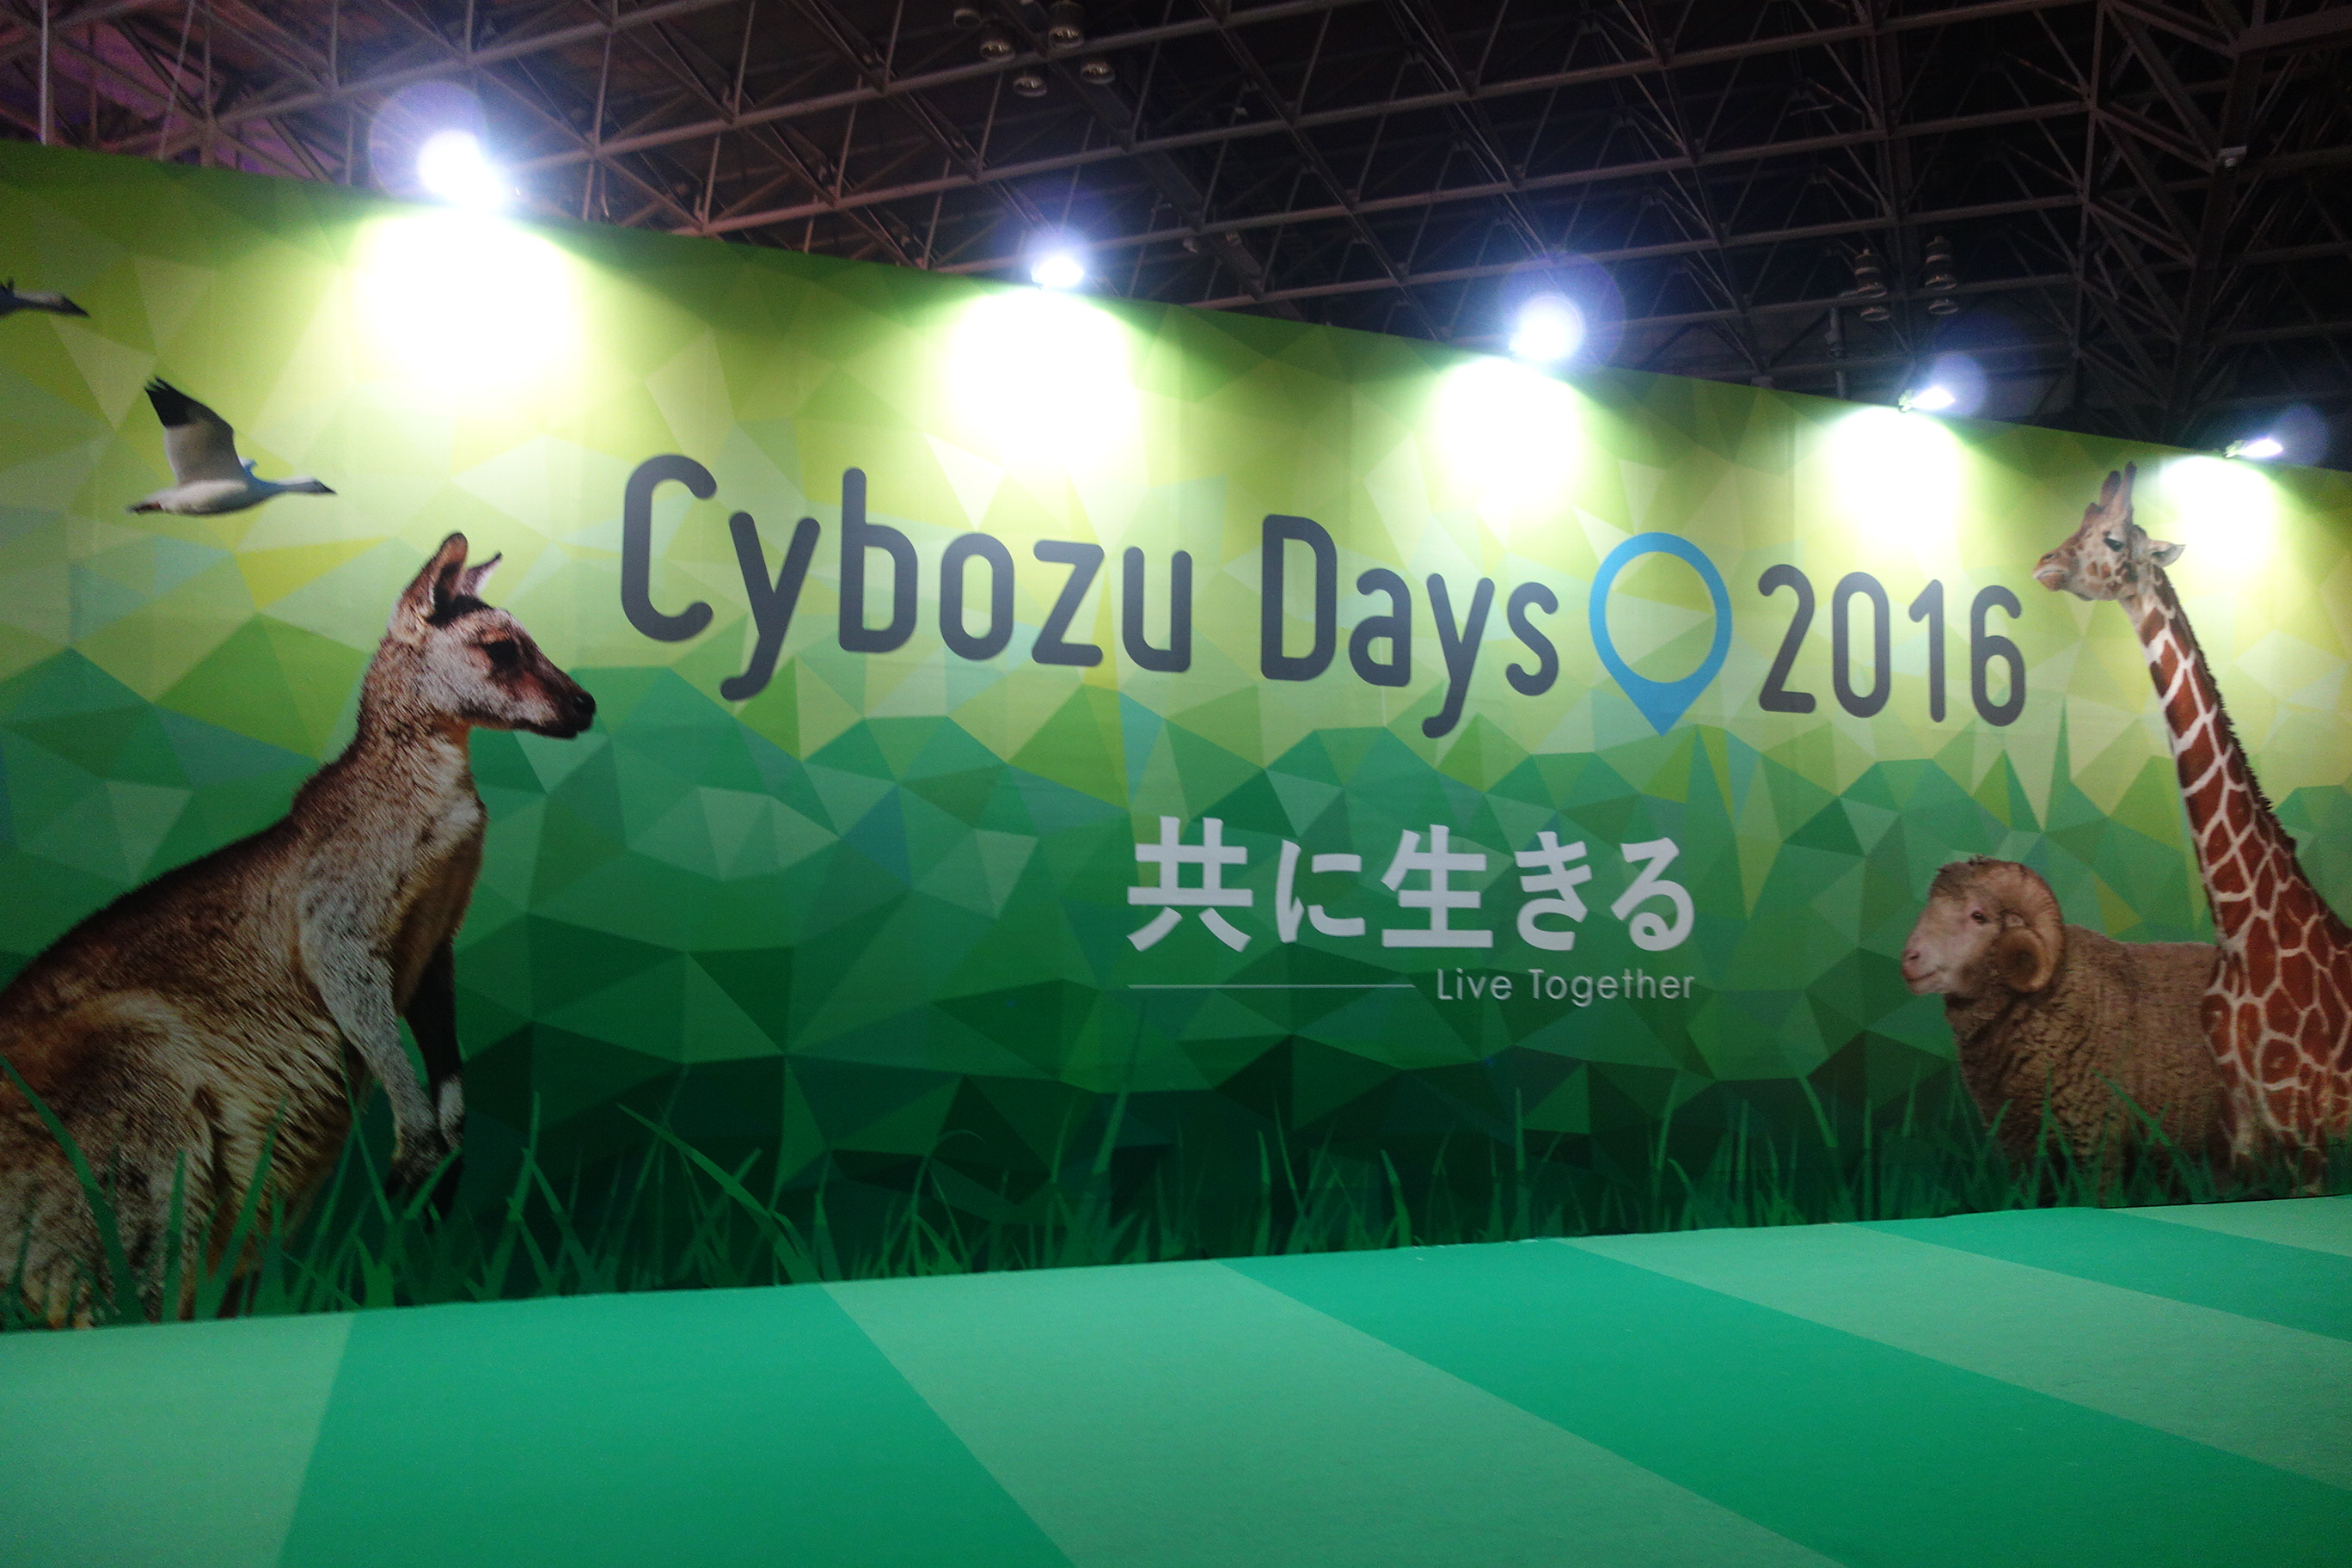 まるでテーマパーク!?Cybozu Days東京に行ってきました!